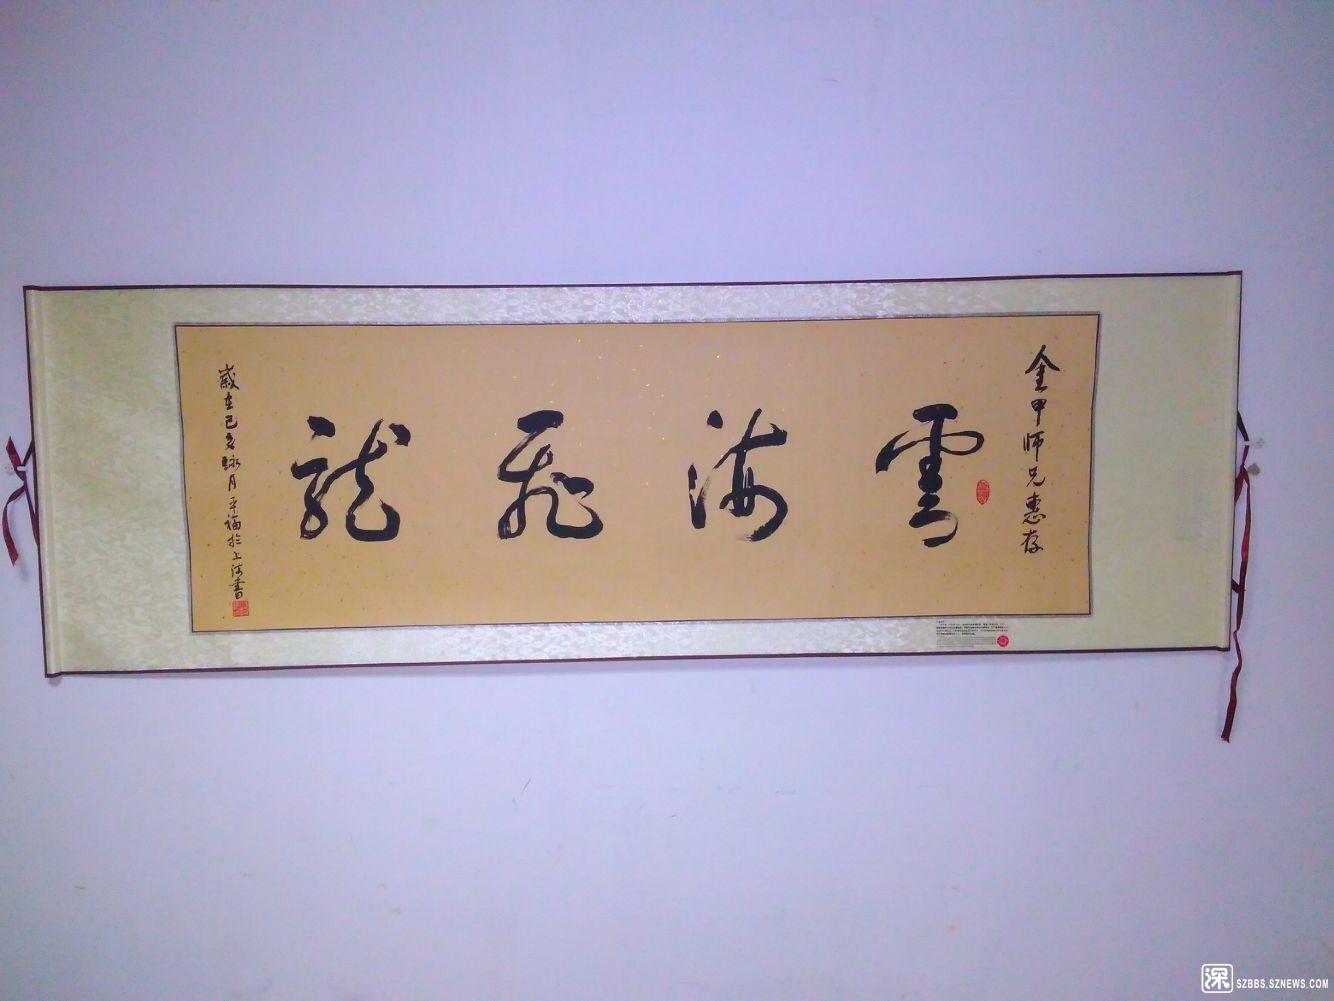 马平福 国际知名书画家 收藏级艺术品2198.jpg